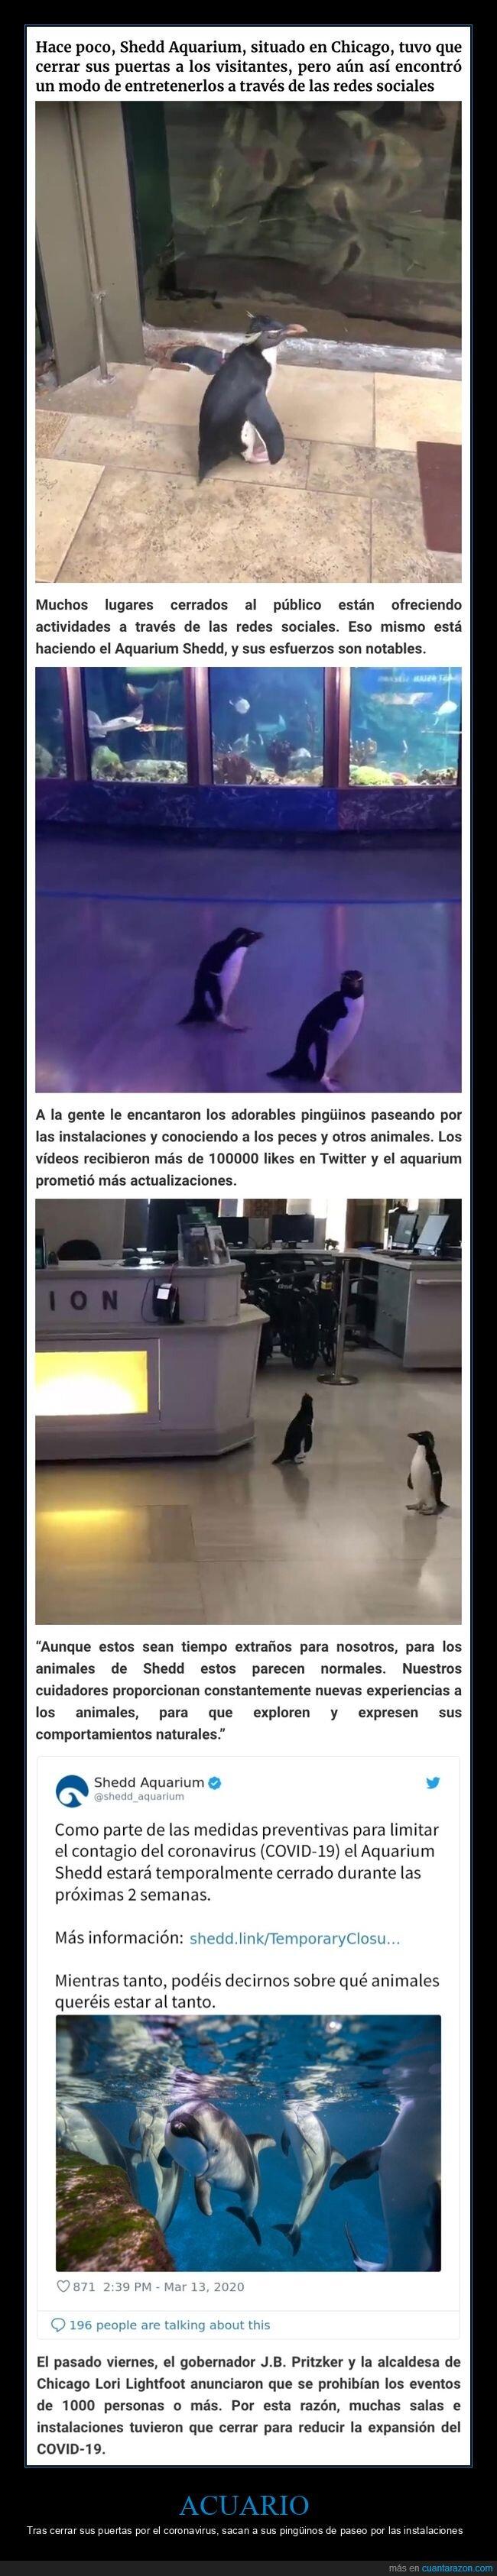 acuario,coronavirus,pingüinos